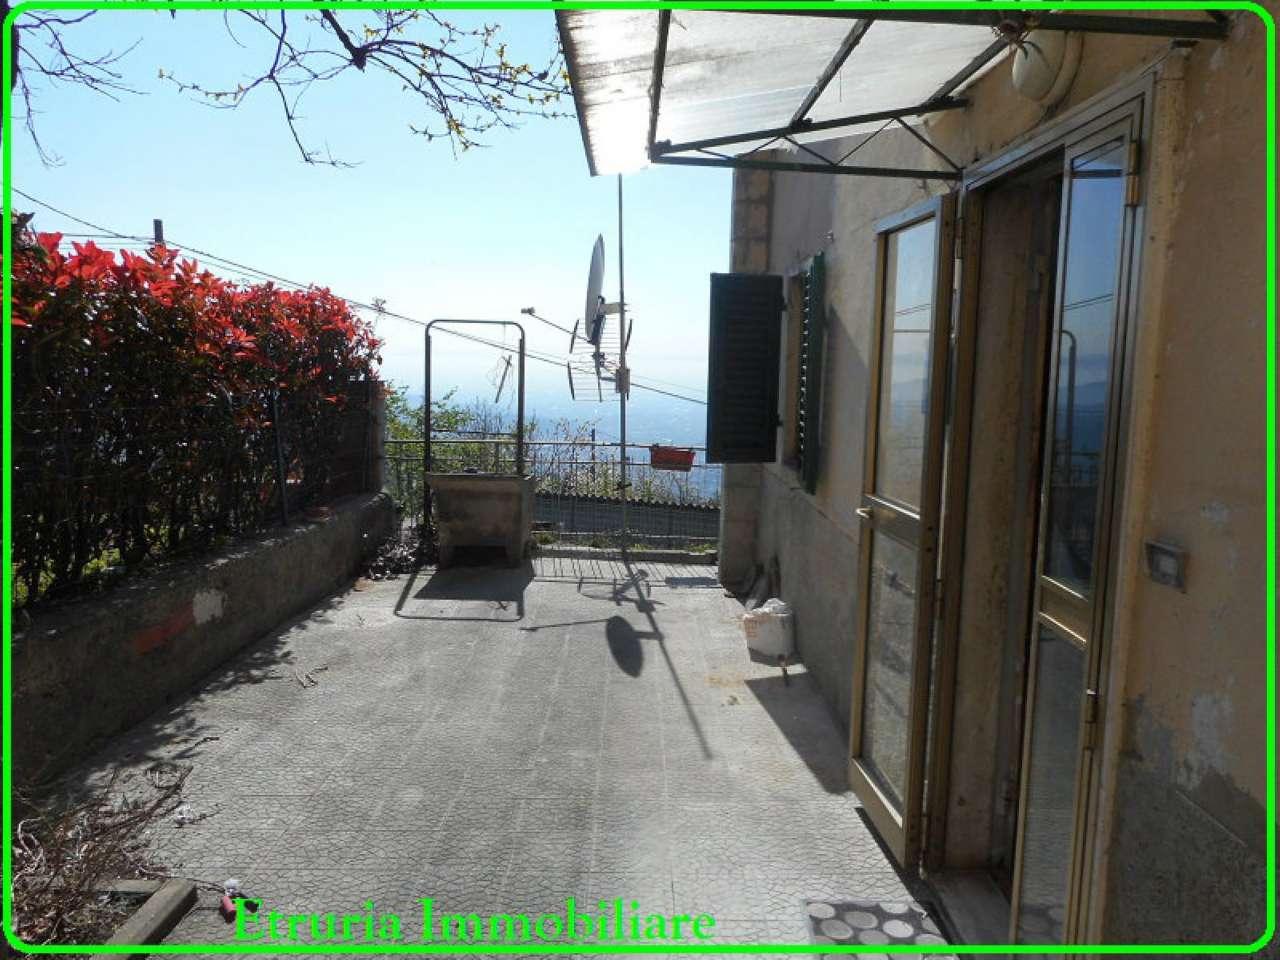 Palazzo / Stabile in vendita a Pistoia, 4 locali, prezzo € 80.000 | Cambio Casa.it